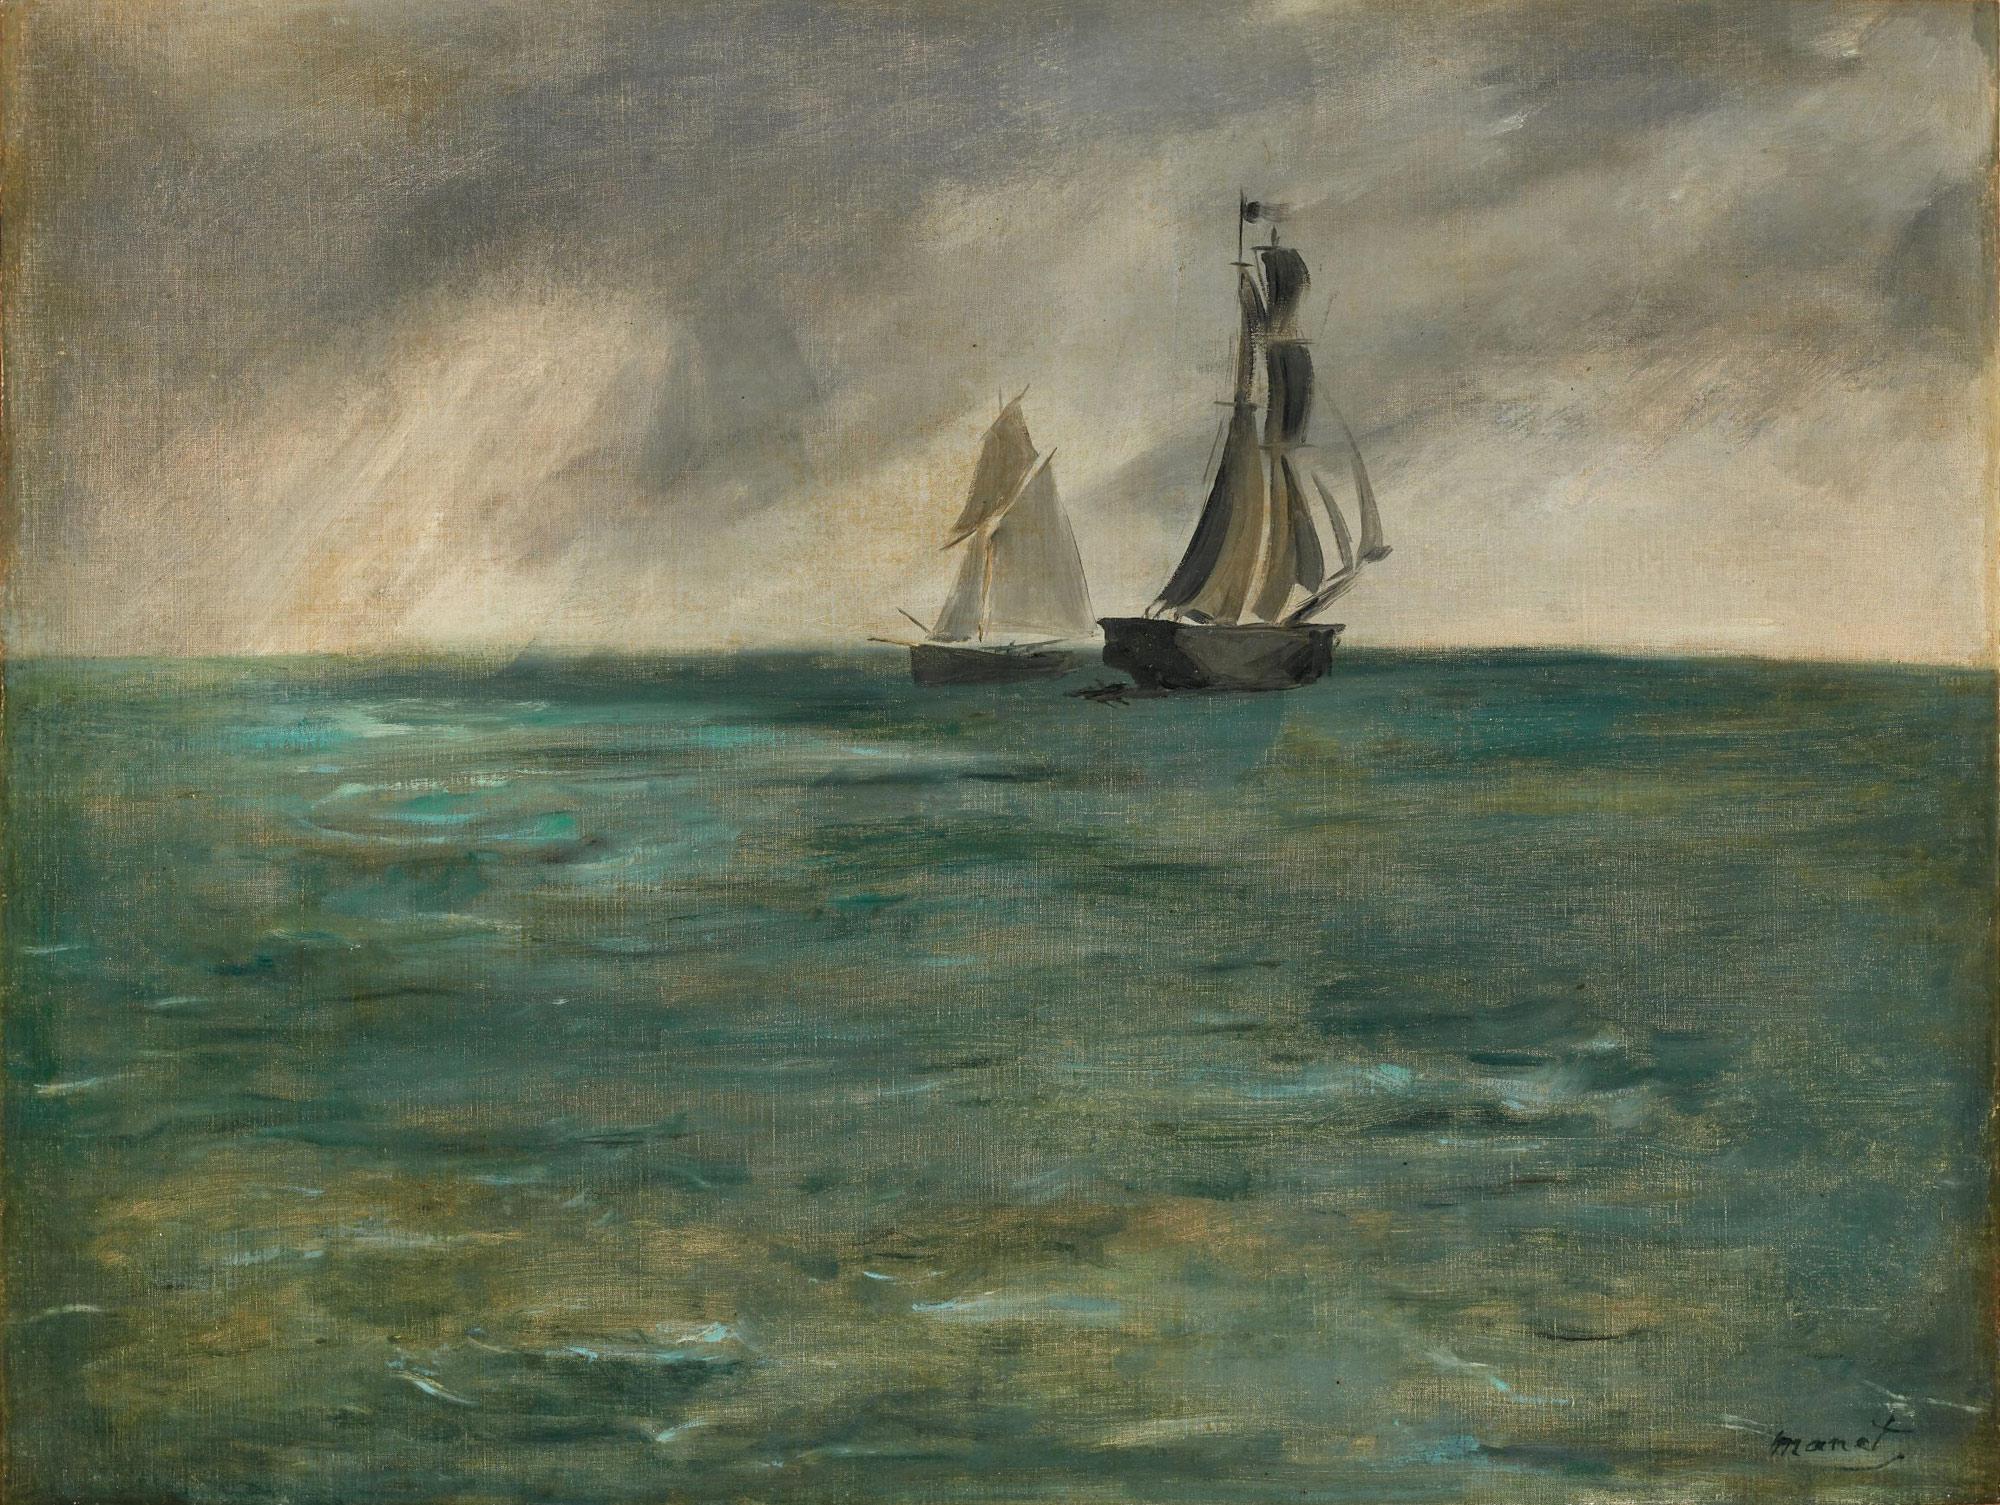 Svizzera, il Kunstmuseum di Berna vende un quadro di Manet per ripianare i debiti connessi al lascito Gurlitt